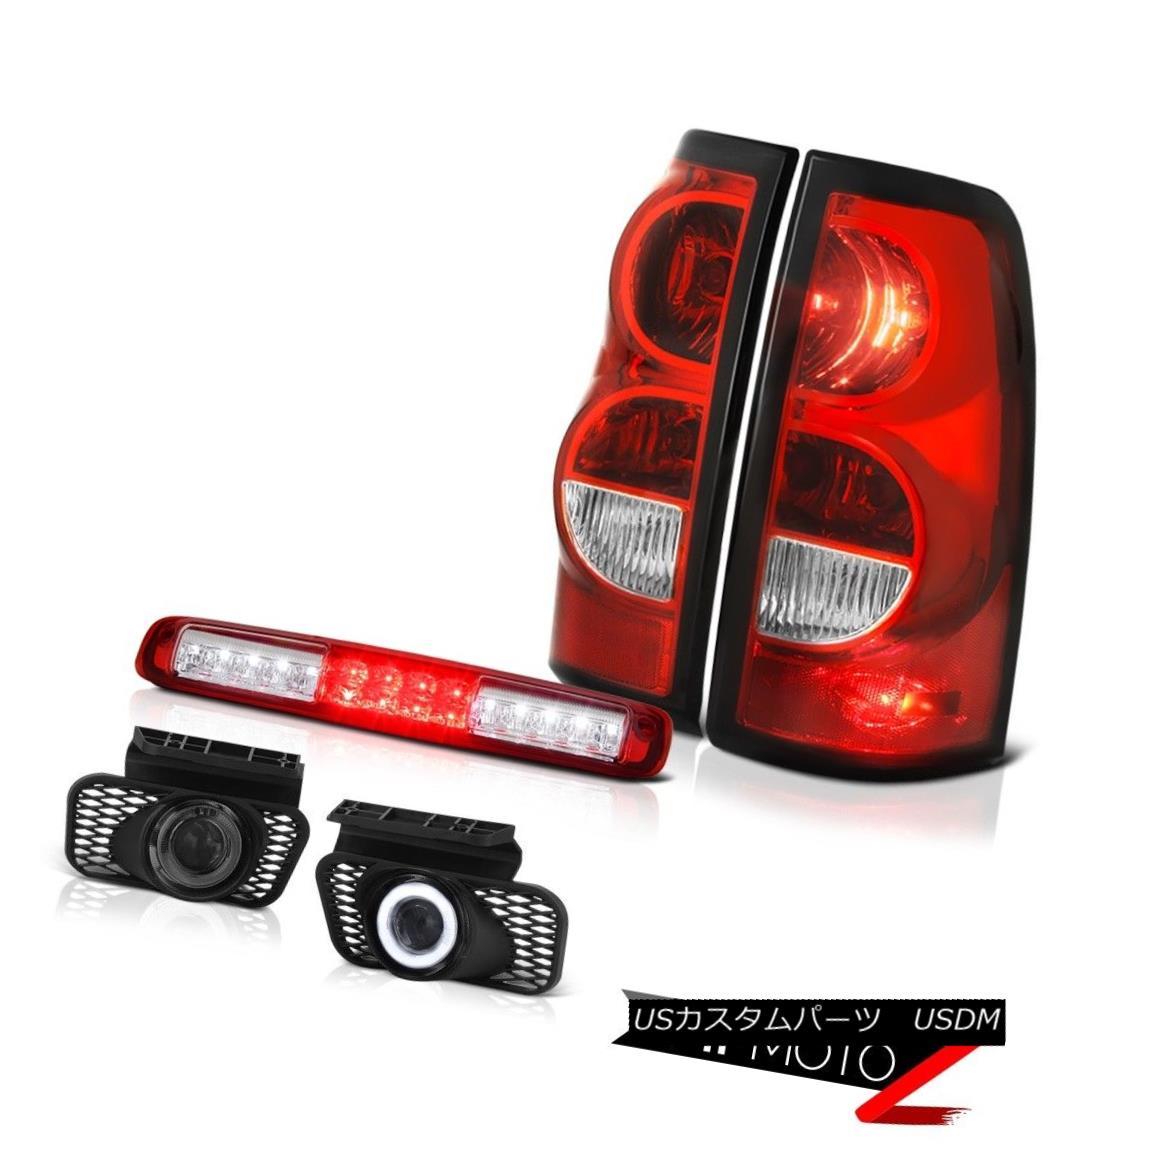 テールライト 2003-2006 Silverado 2500Hd Red Roof Brake Light Smoked Fog Lights Rear Lights 2003-2006シルバラード2500Hdレッドルーフブレーキライトスモークフォグライトリアライト